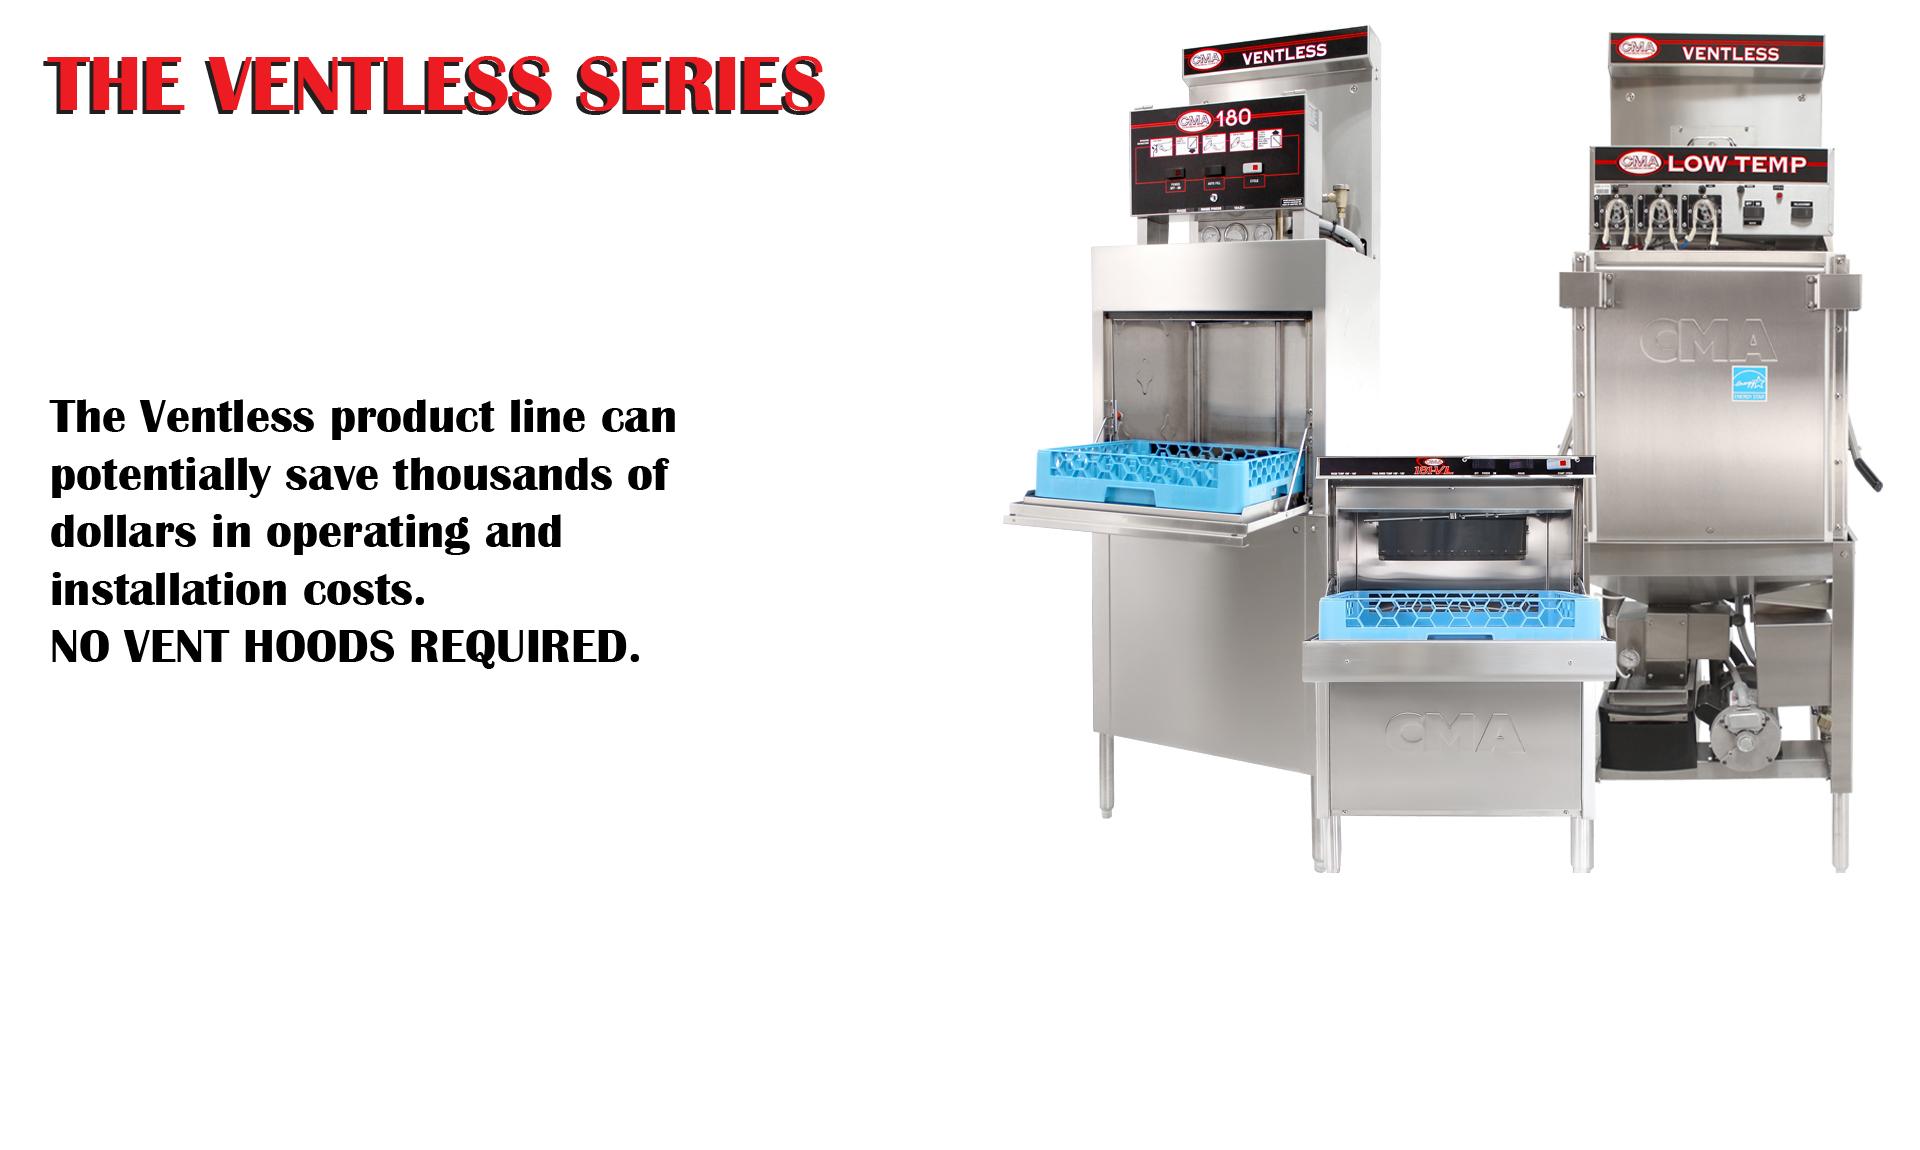 Ventless series slide